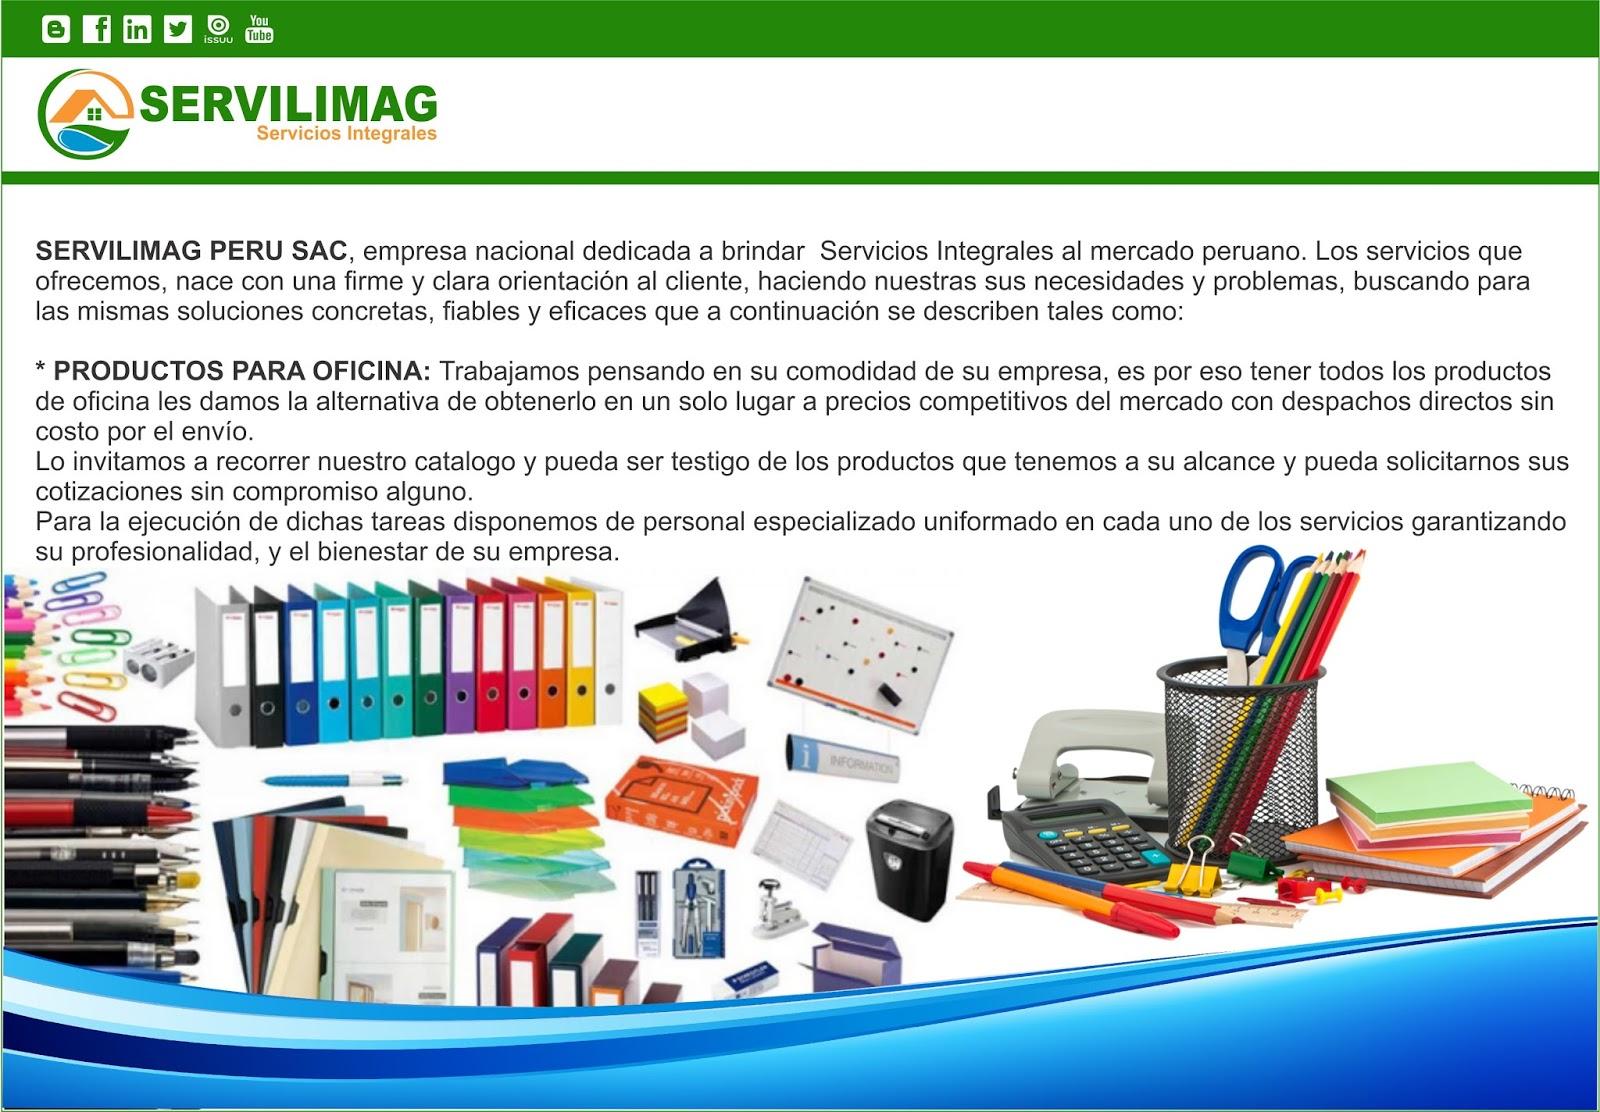 Servilimag servicios integrales venta productos de for Productos oficina